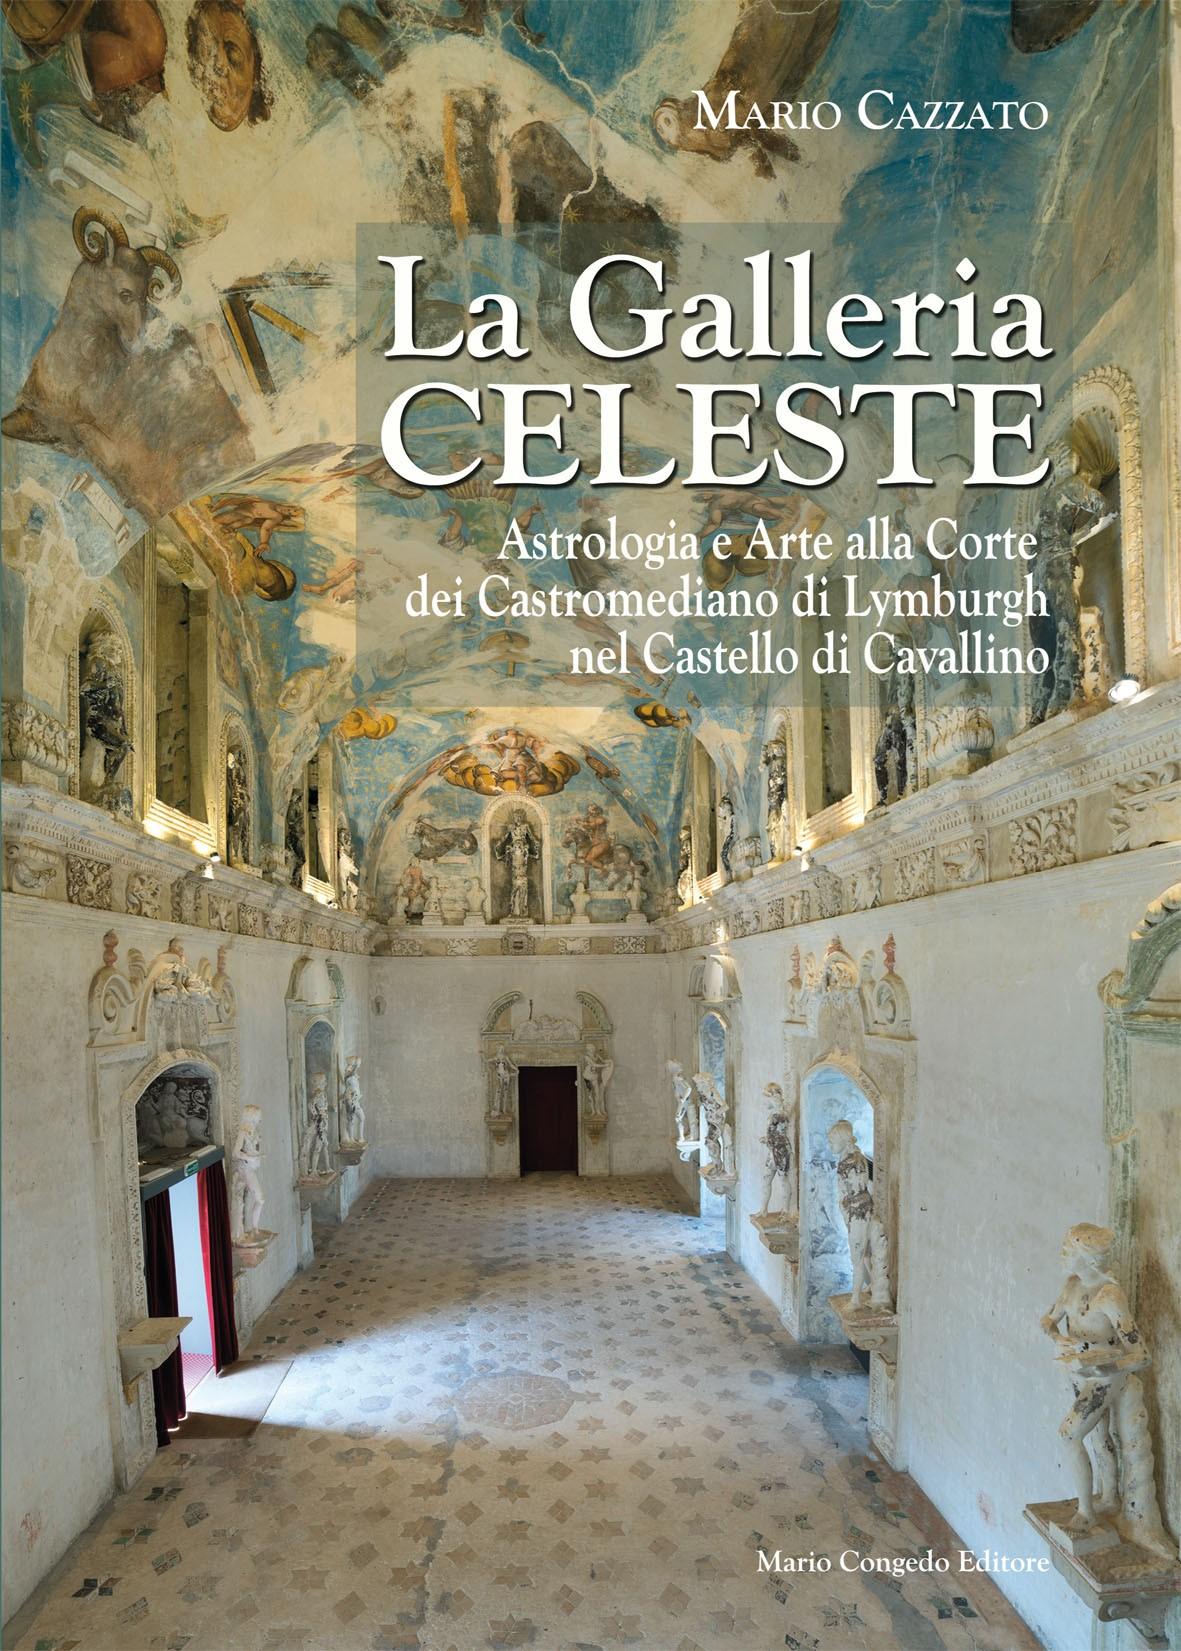 La Galleria celeste. Astrologia e Arte alla Corte dei Castromediano di Lymburgh nel Castello di Cavallino